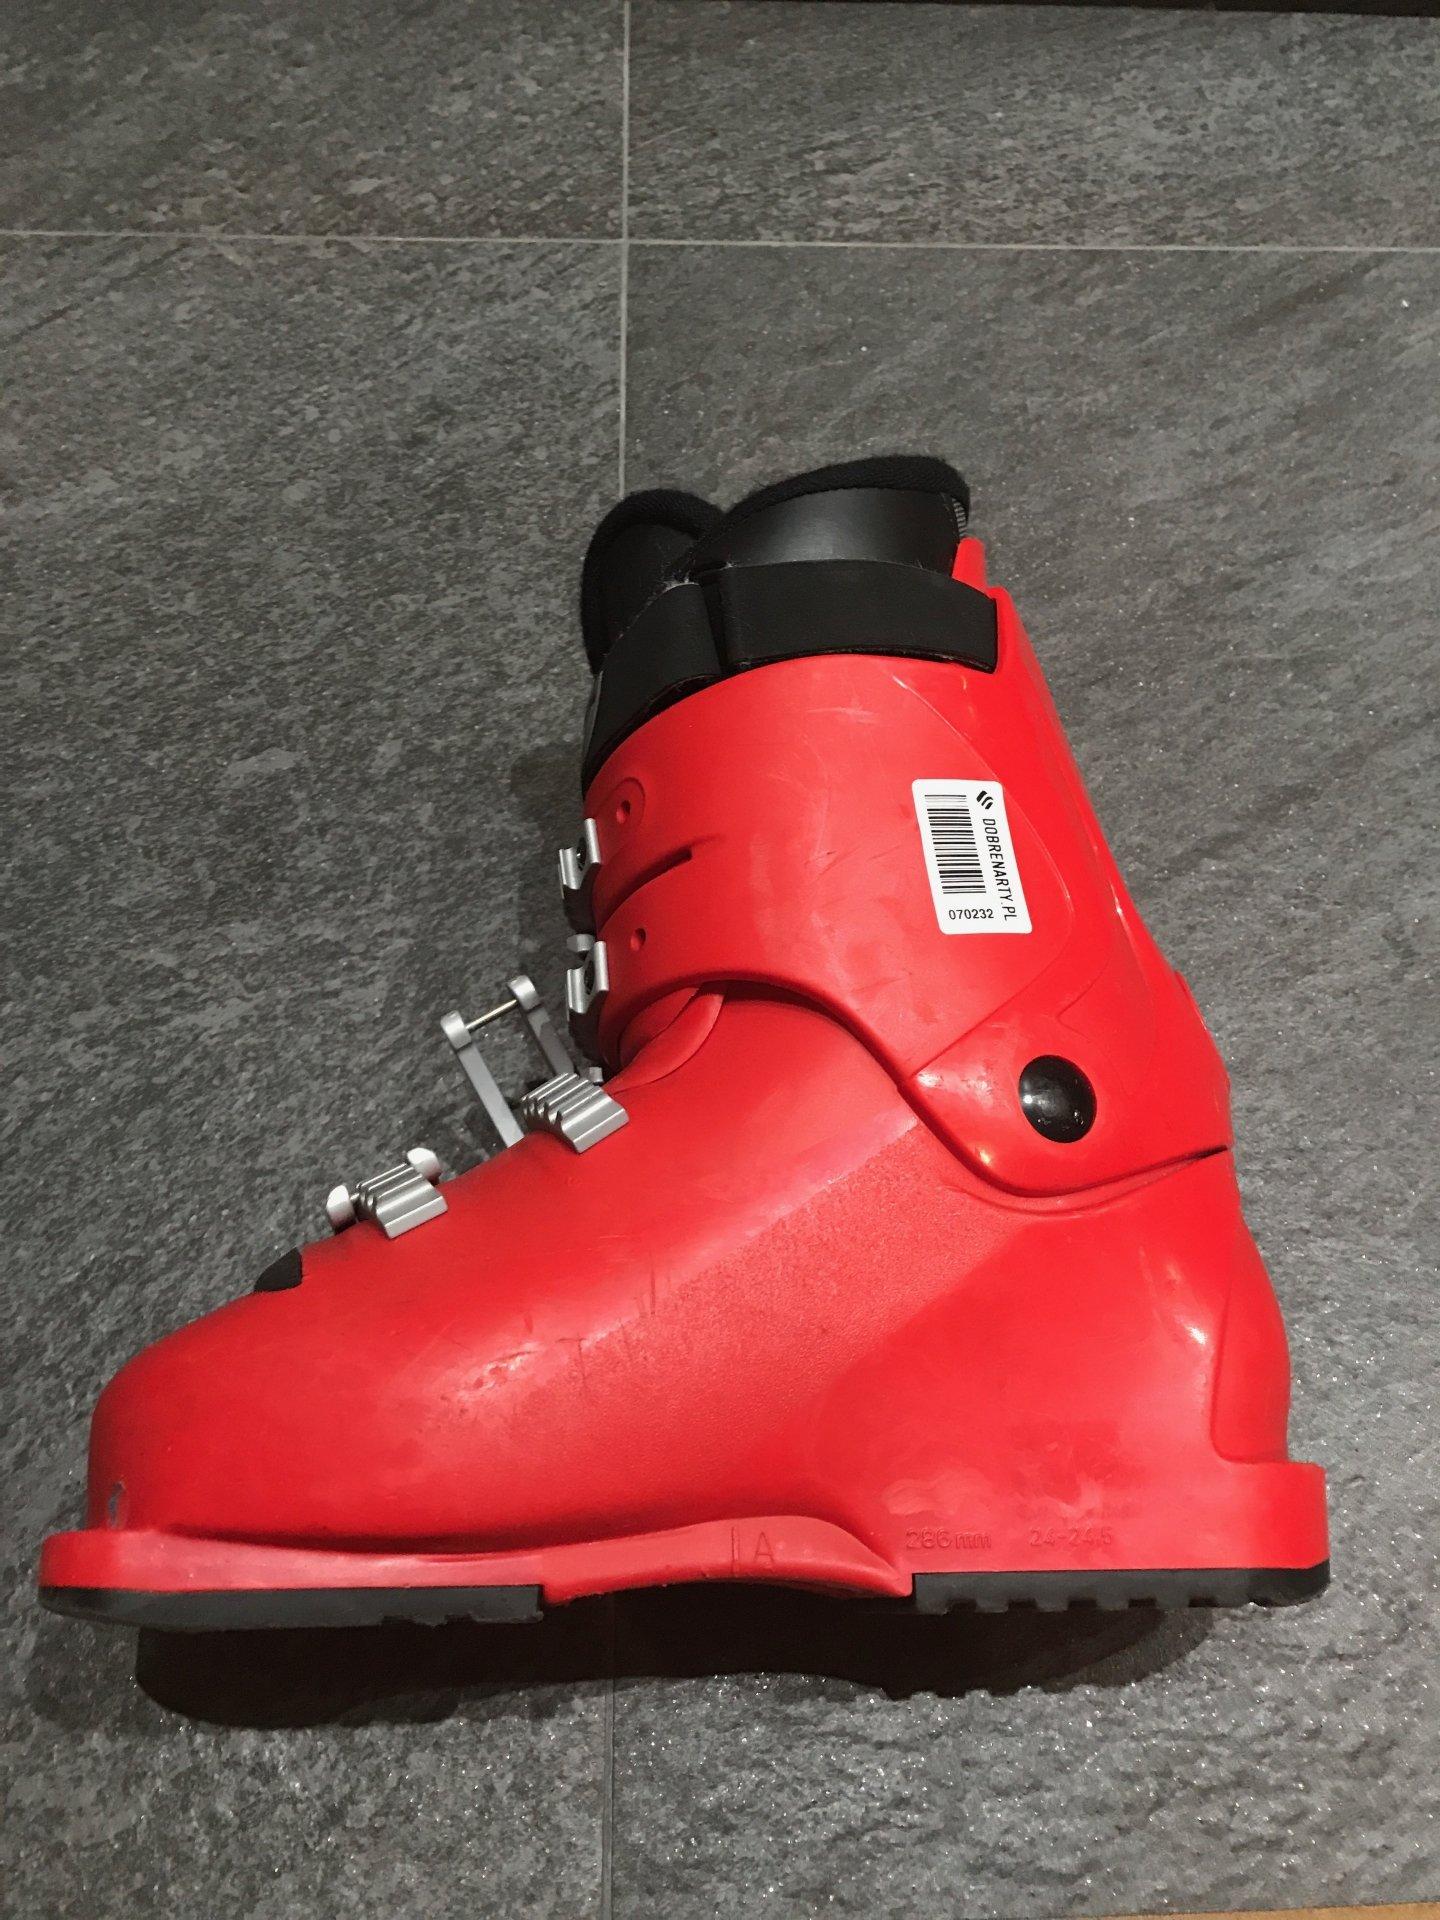 Buty narciarskie Salomon 24 24,5 (286 mm)